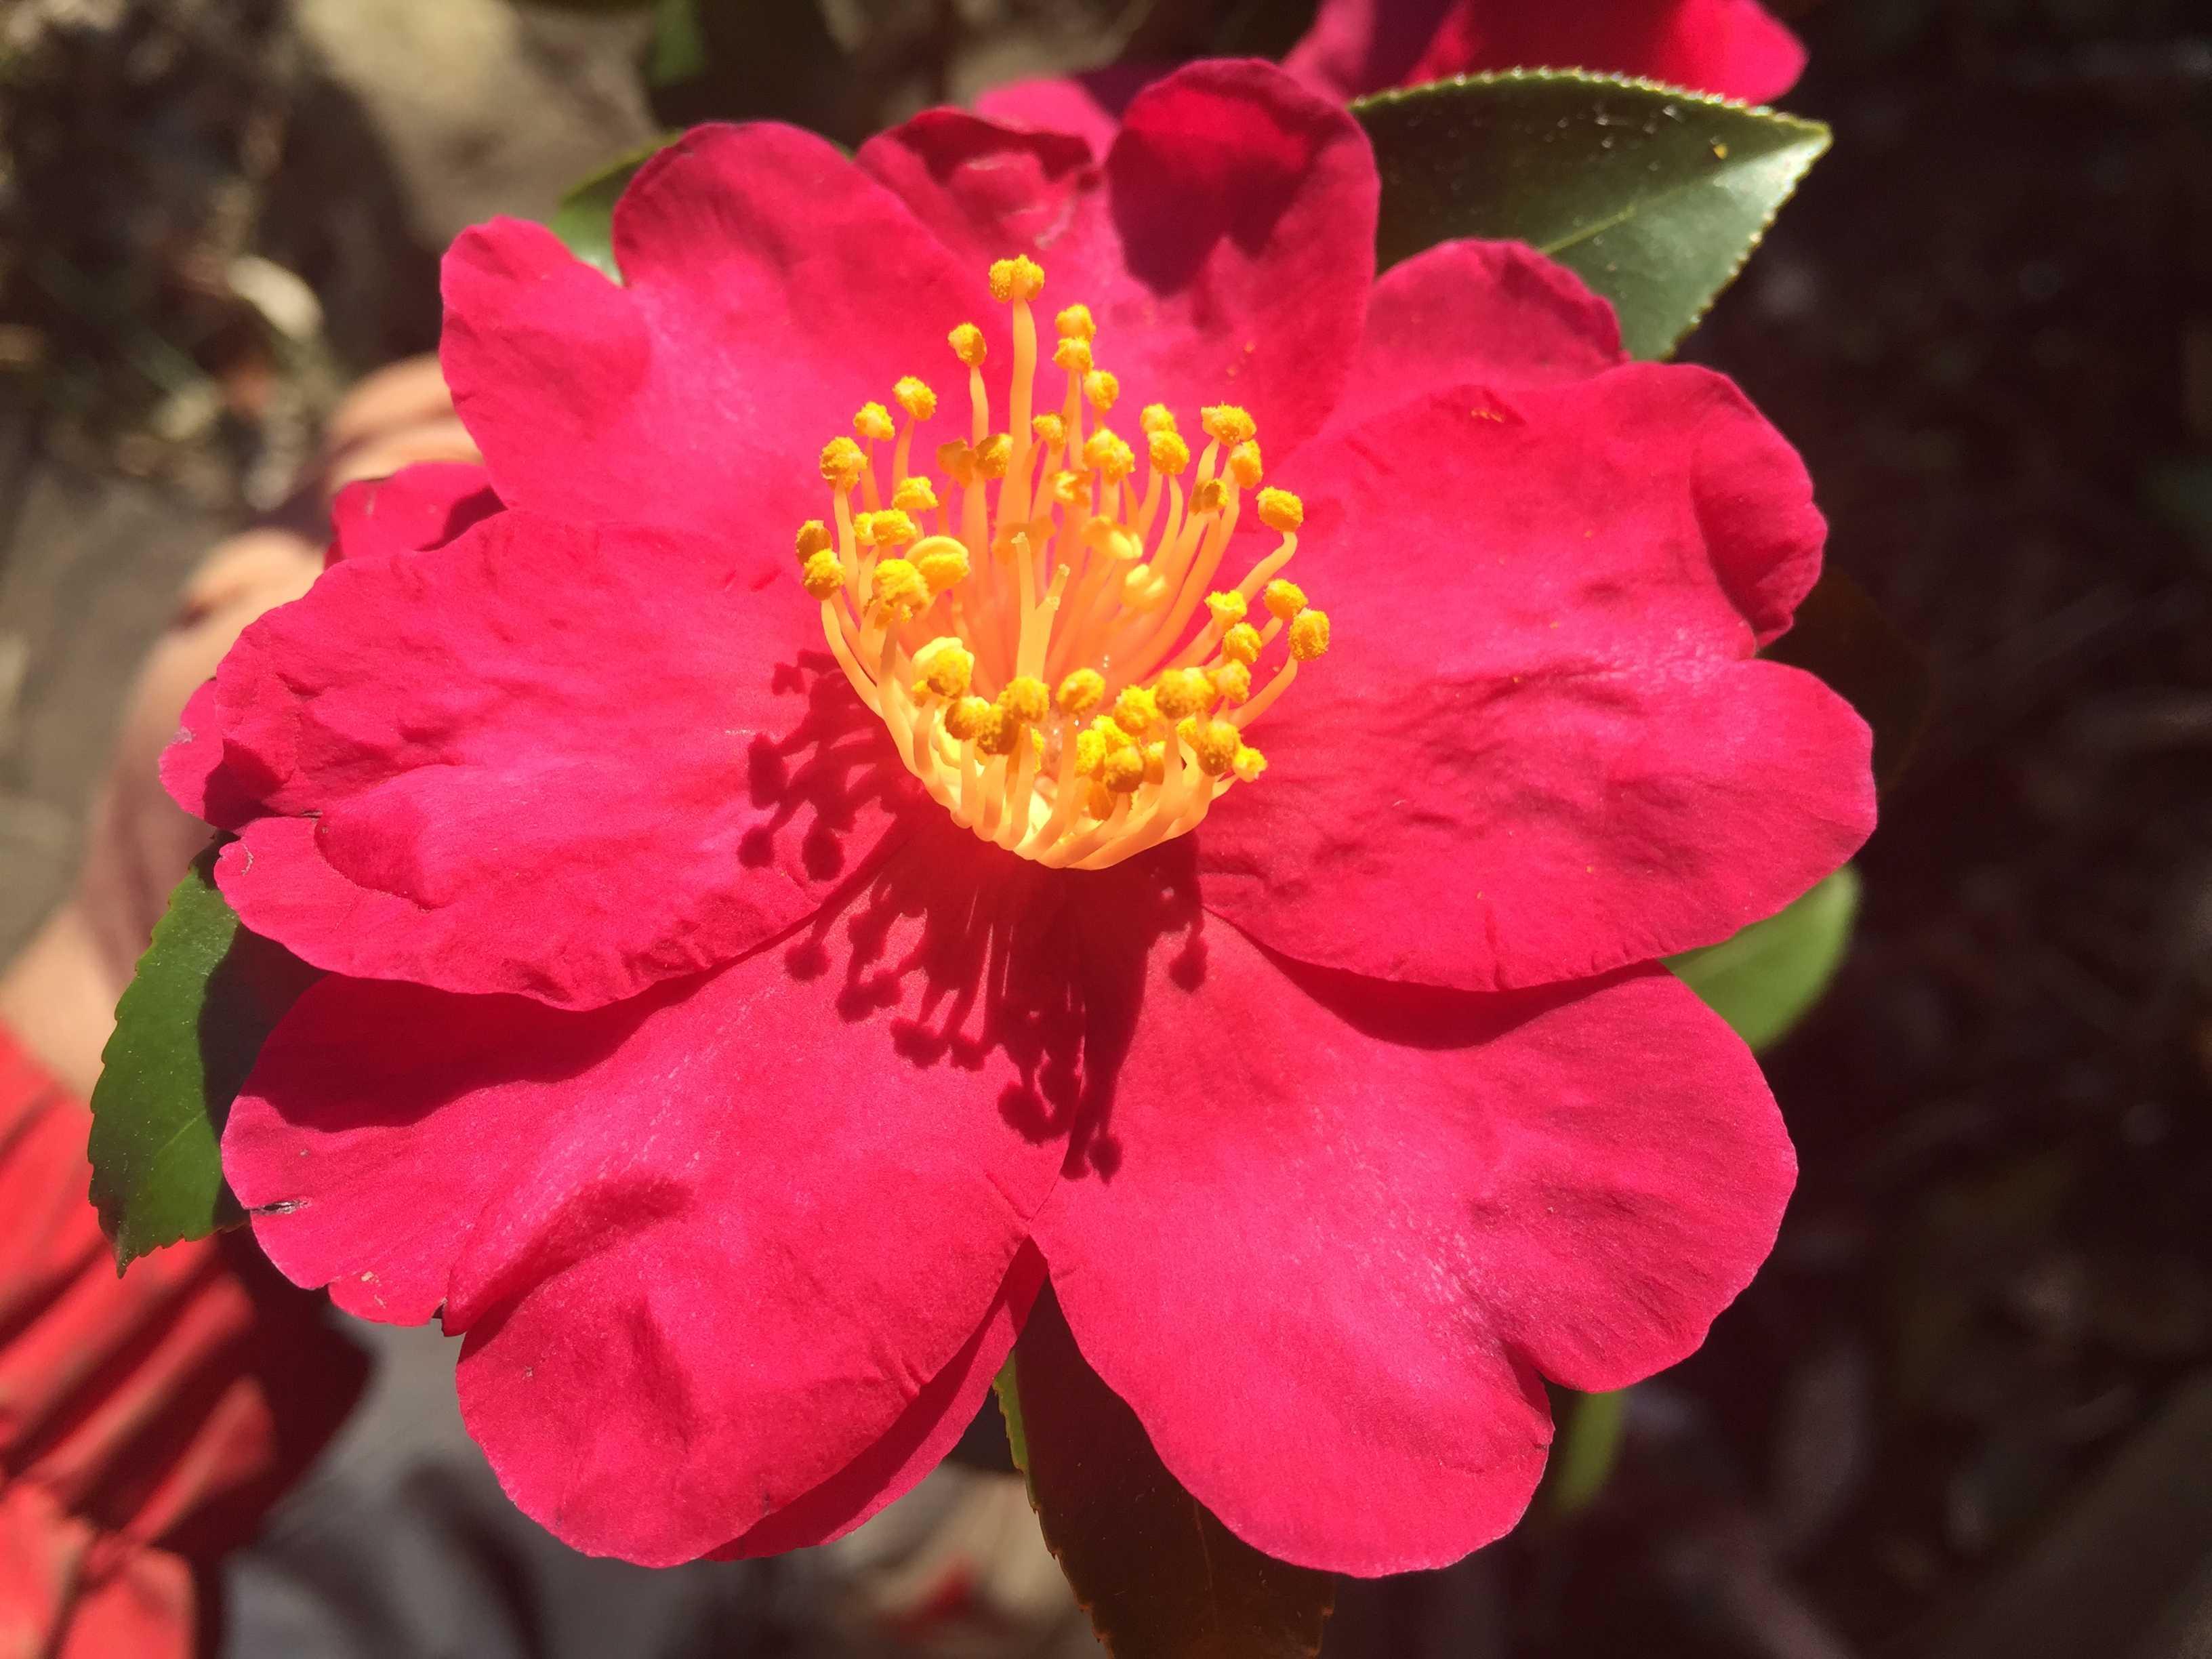 紅色八重咲きの山茶花 - カンツバキ群